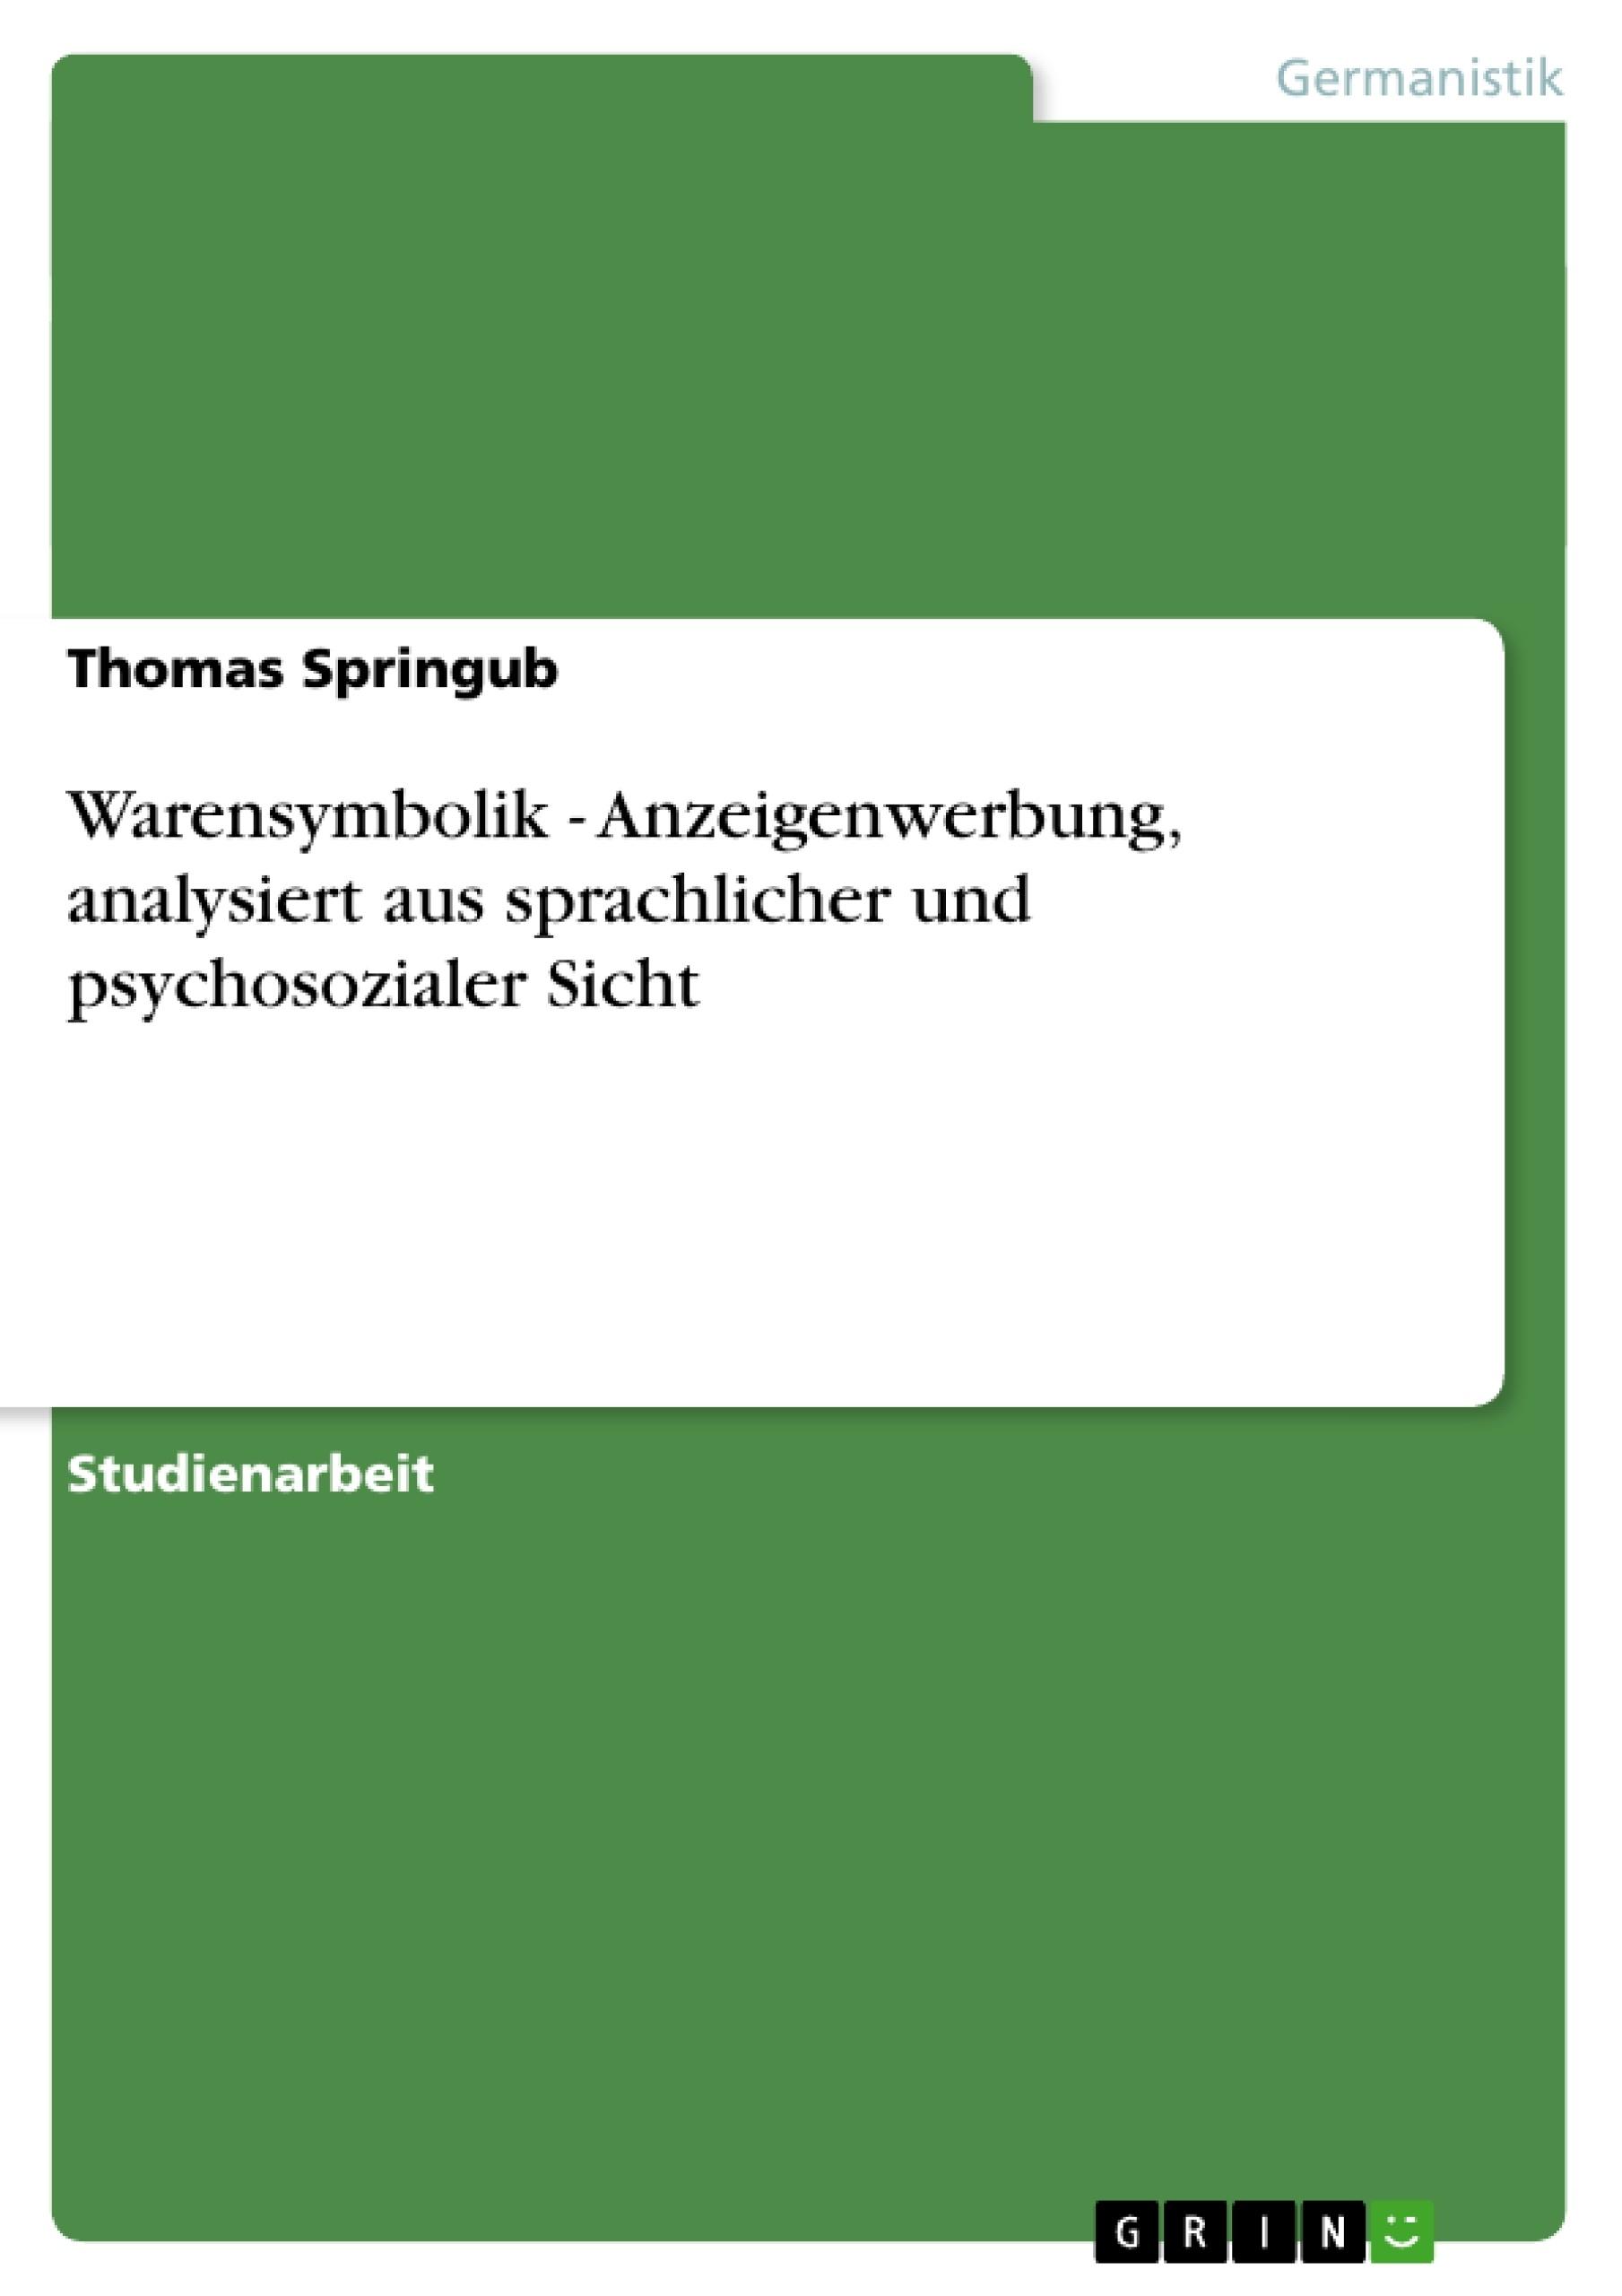 Titel: Warensymbolik - Anzeigenwerbung, analysiert aus sprachlicher und psychosozialer Sicht